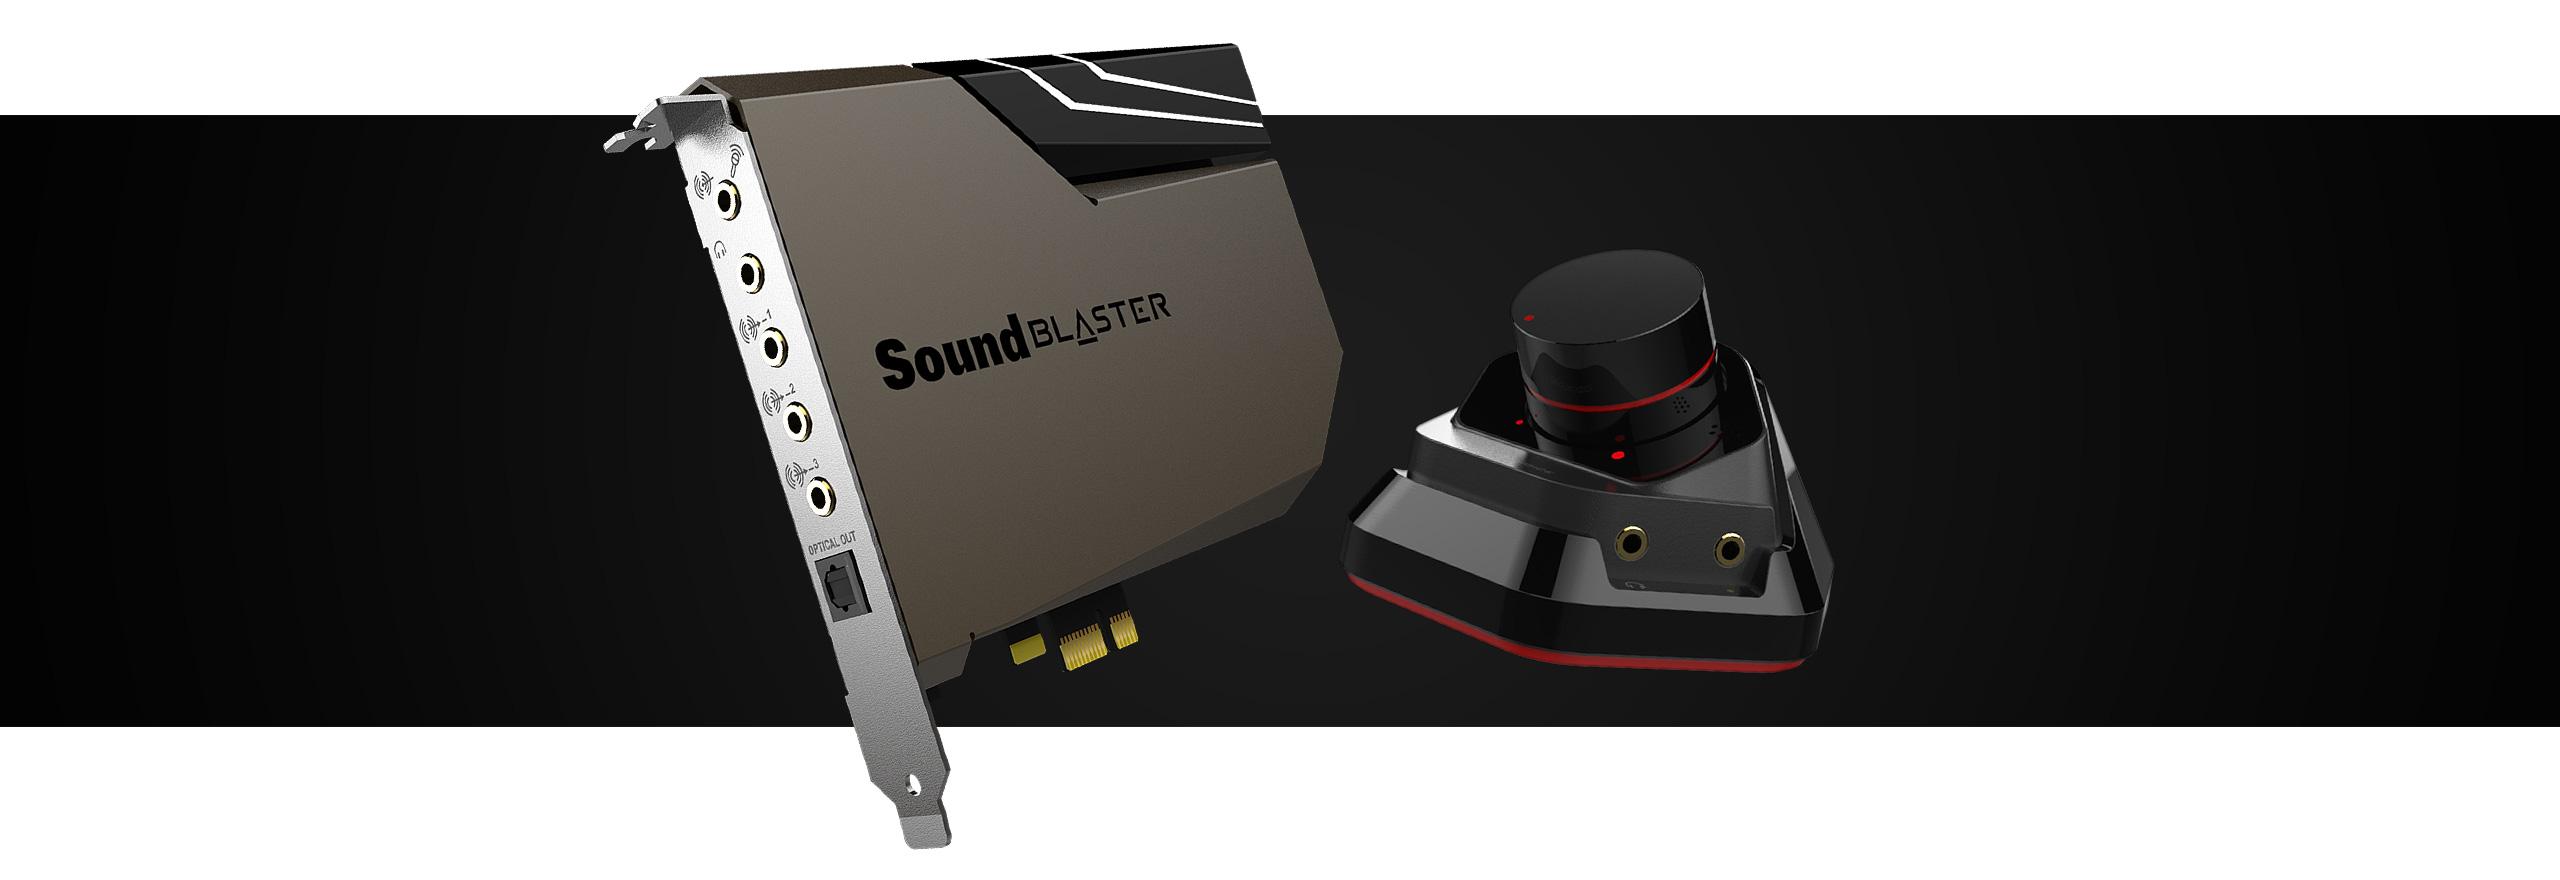 Las nuevas tarjetas de sonido SoundBlaster AE 7 y AE 9!!